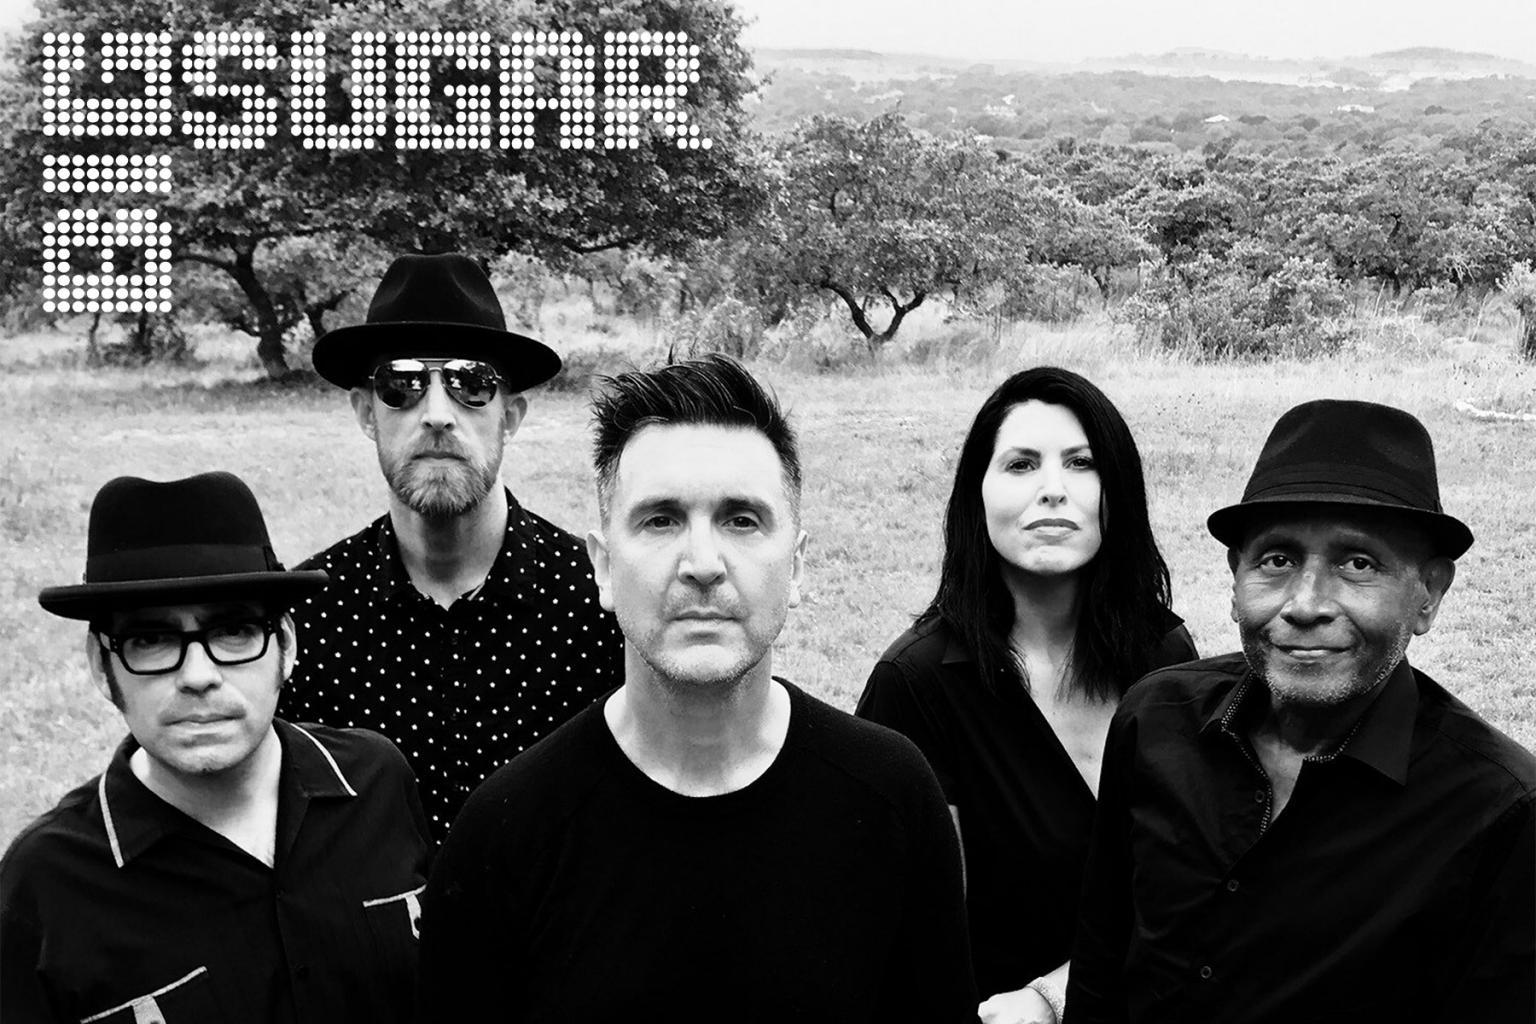 Big Sugar and Free Summer Concert Series at Sun Peaks Resort June 30th